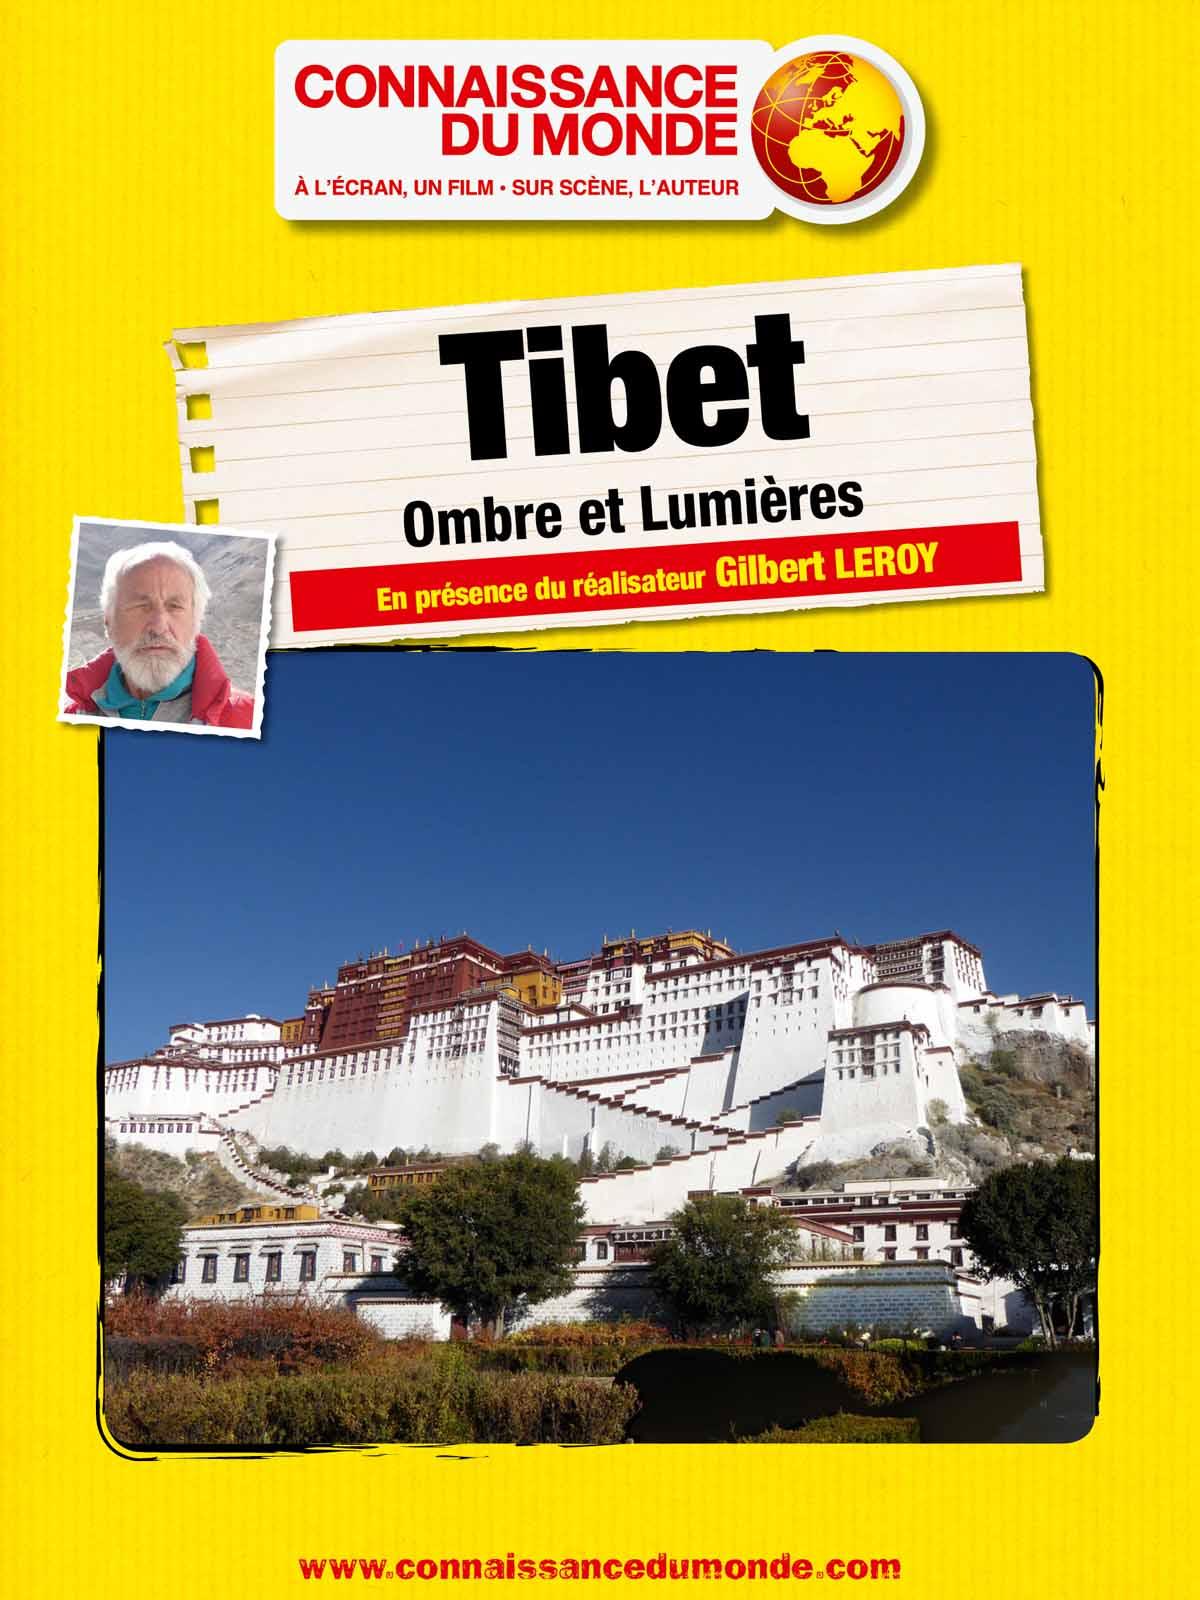 Tibet, Ombre et Lumières